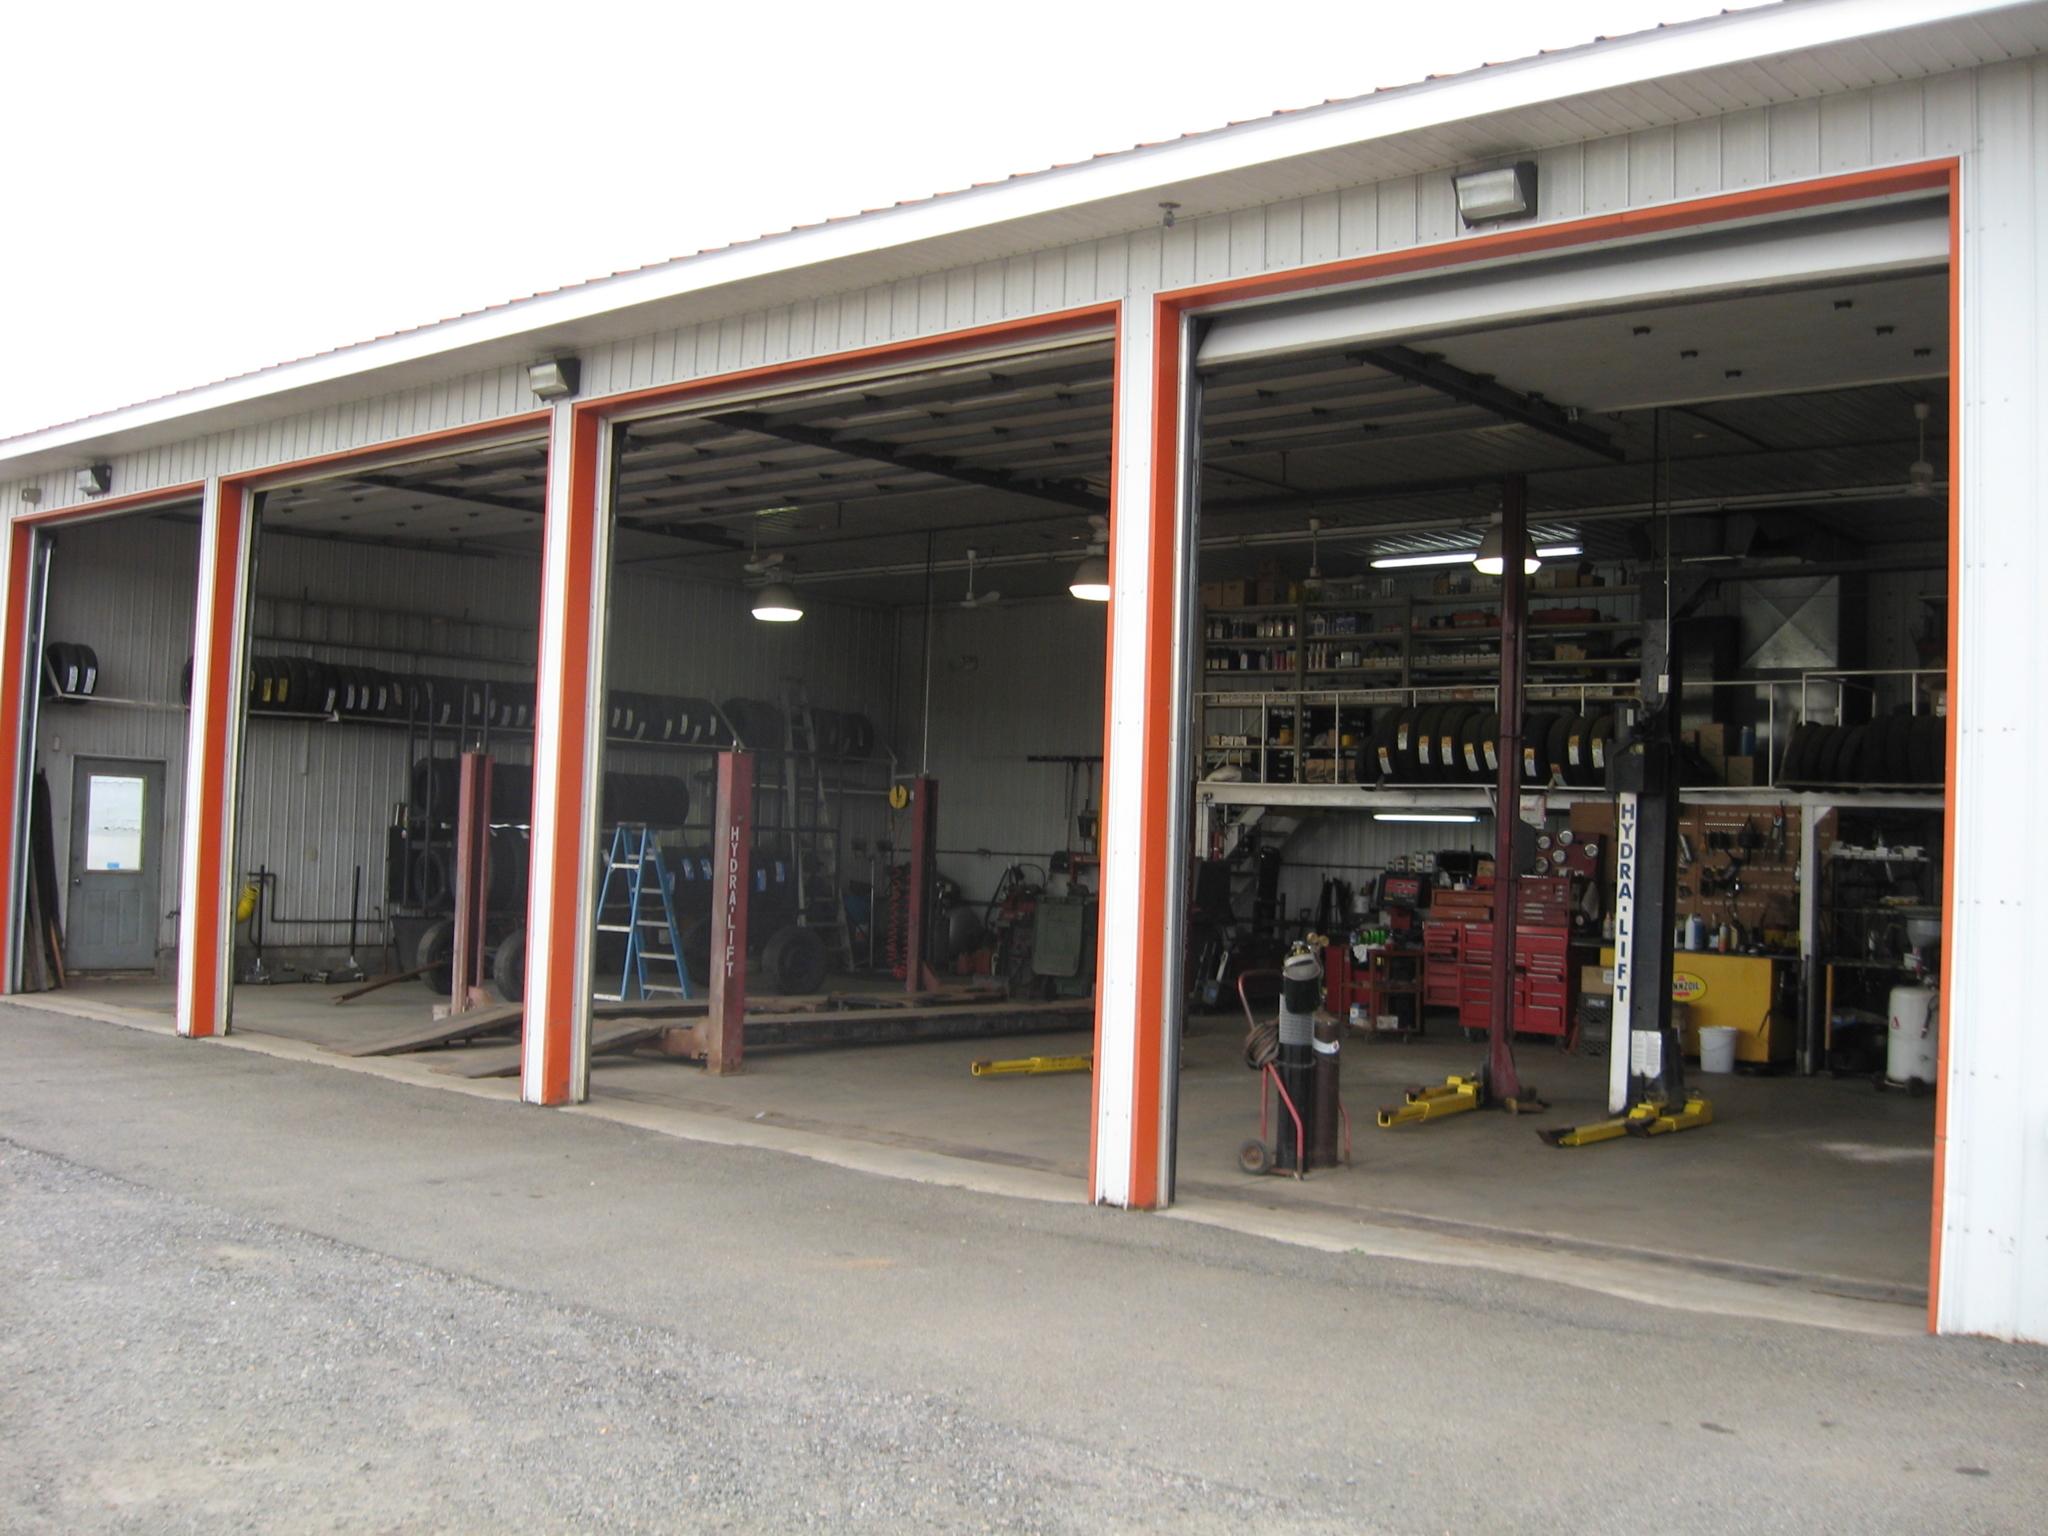 Lachapelle auto r nov 7 rue crooks rr 1 grenville qc for Garage renov auto